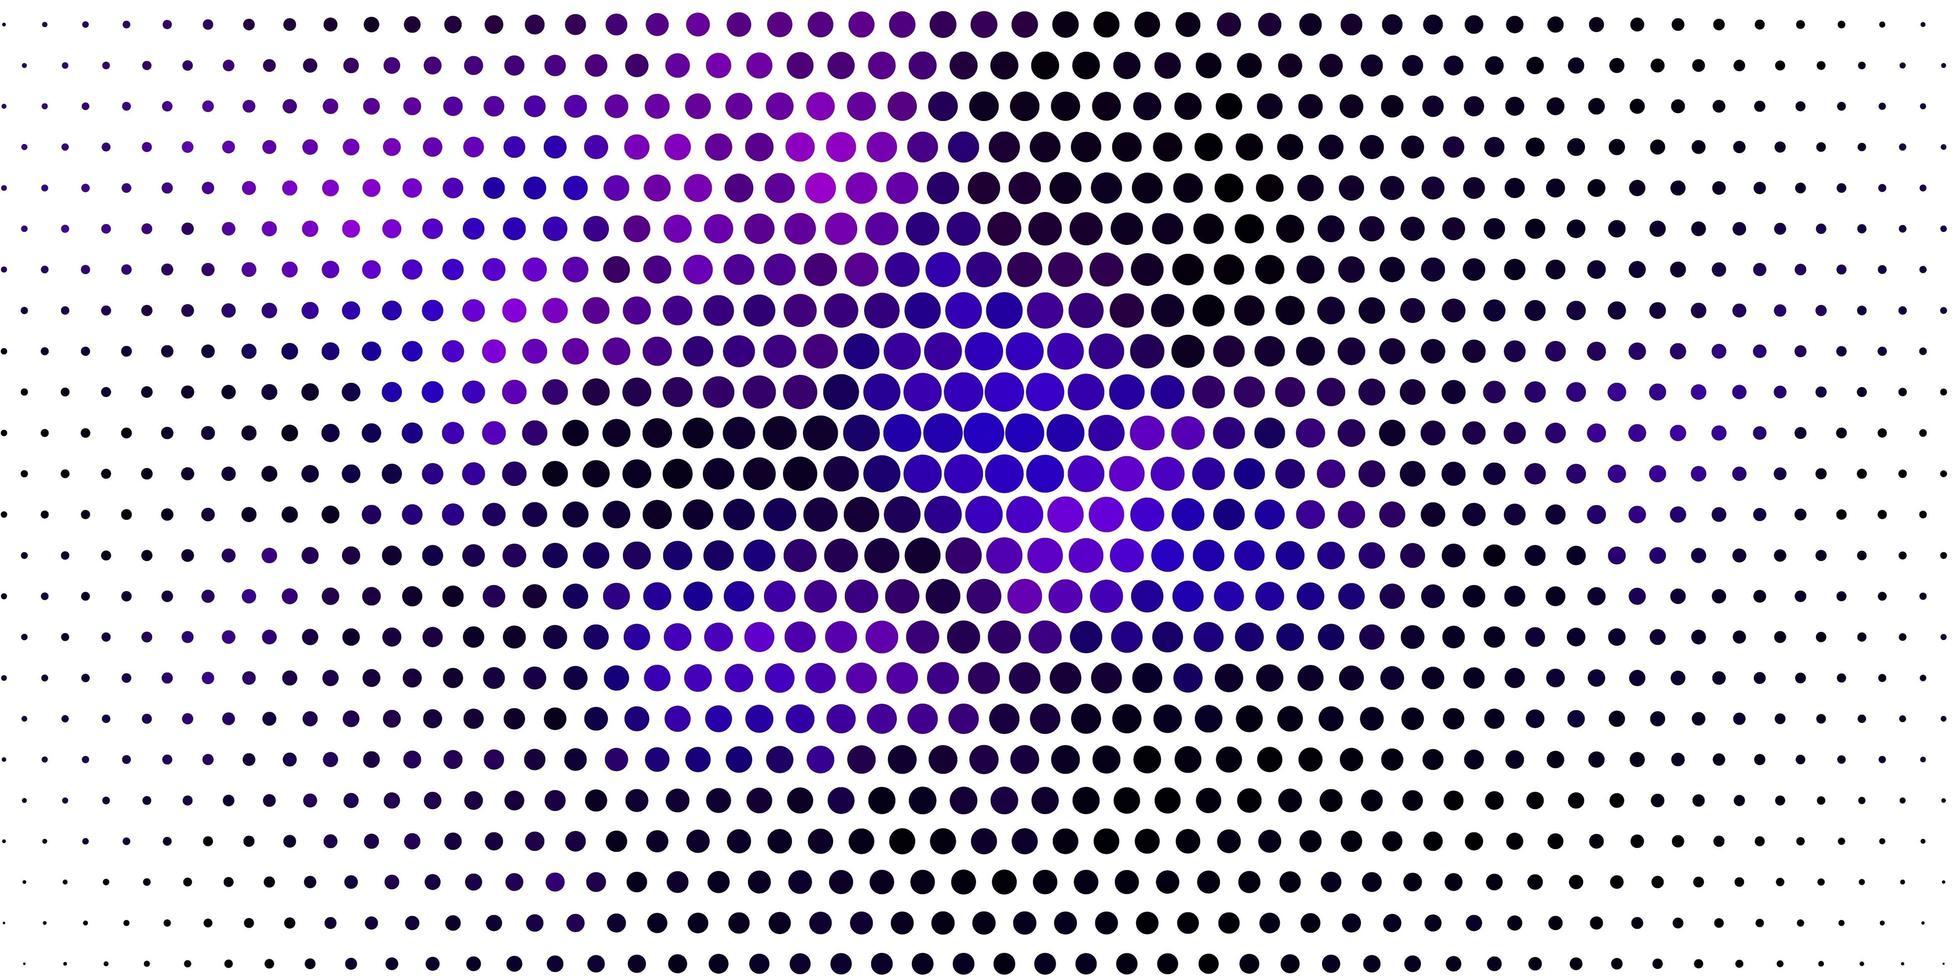 mise en page violette avec des formes de cercle. vecteur